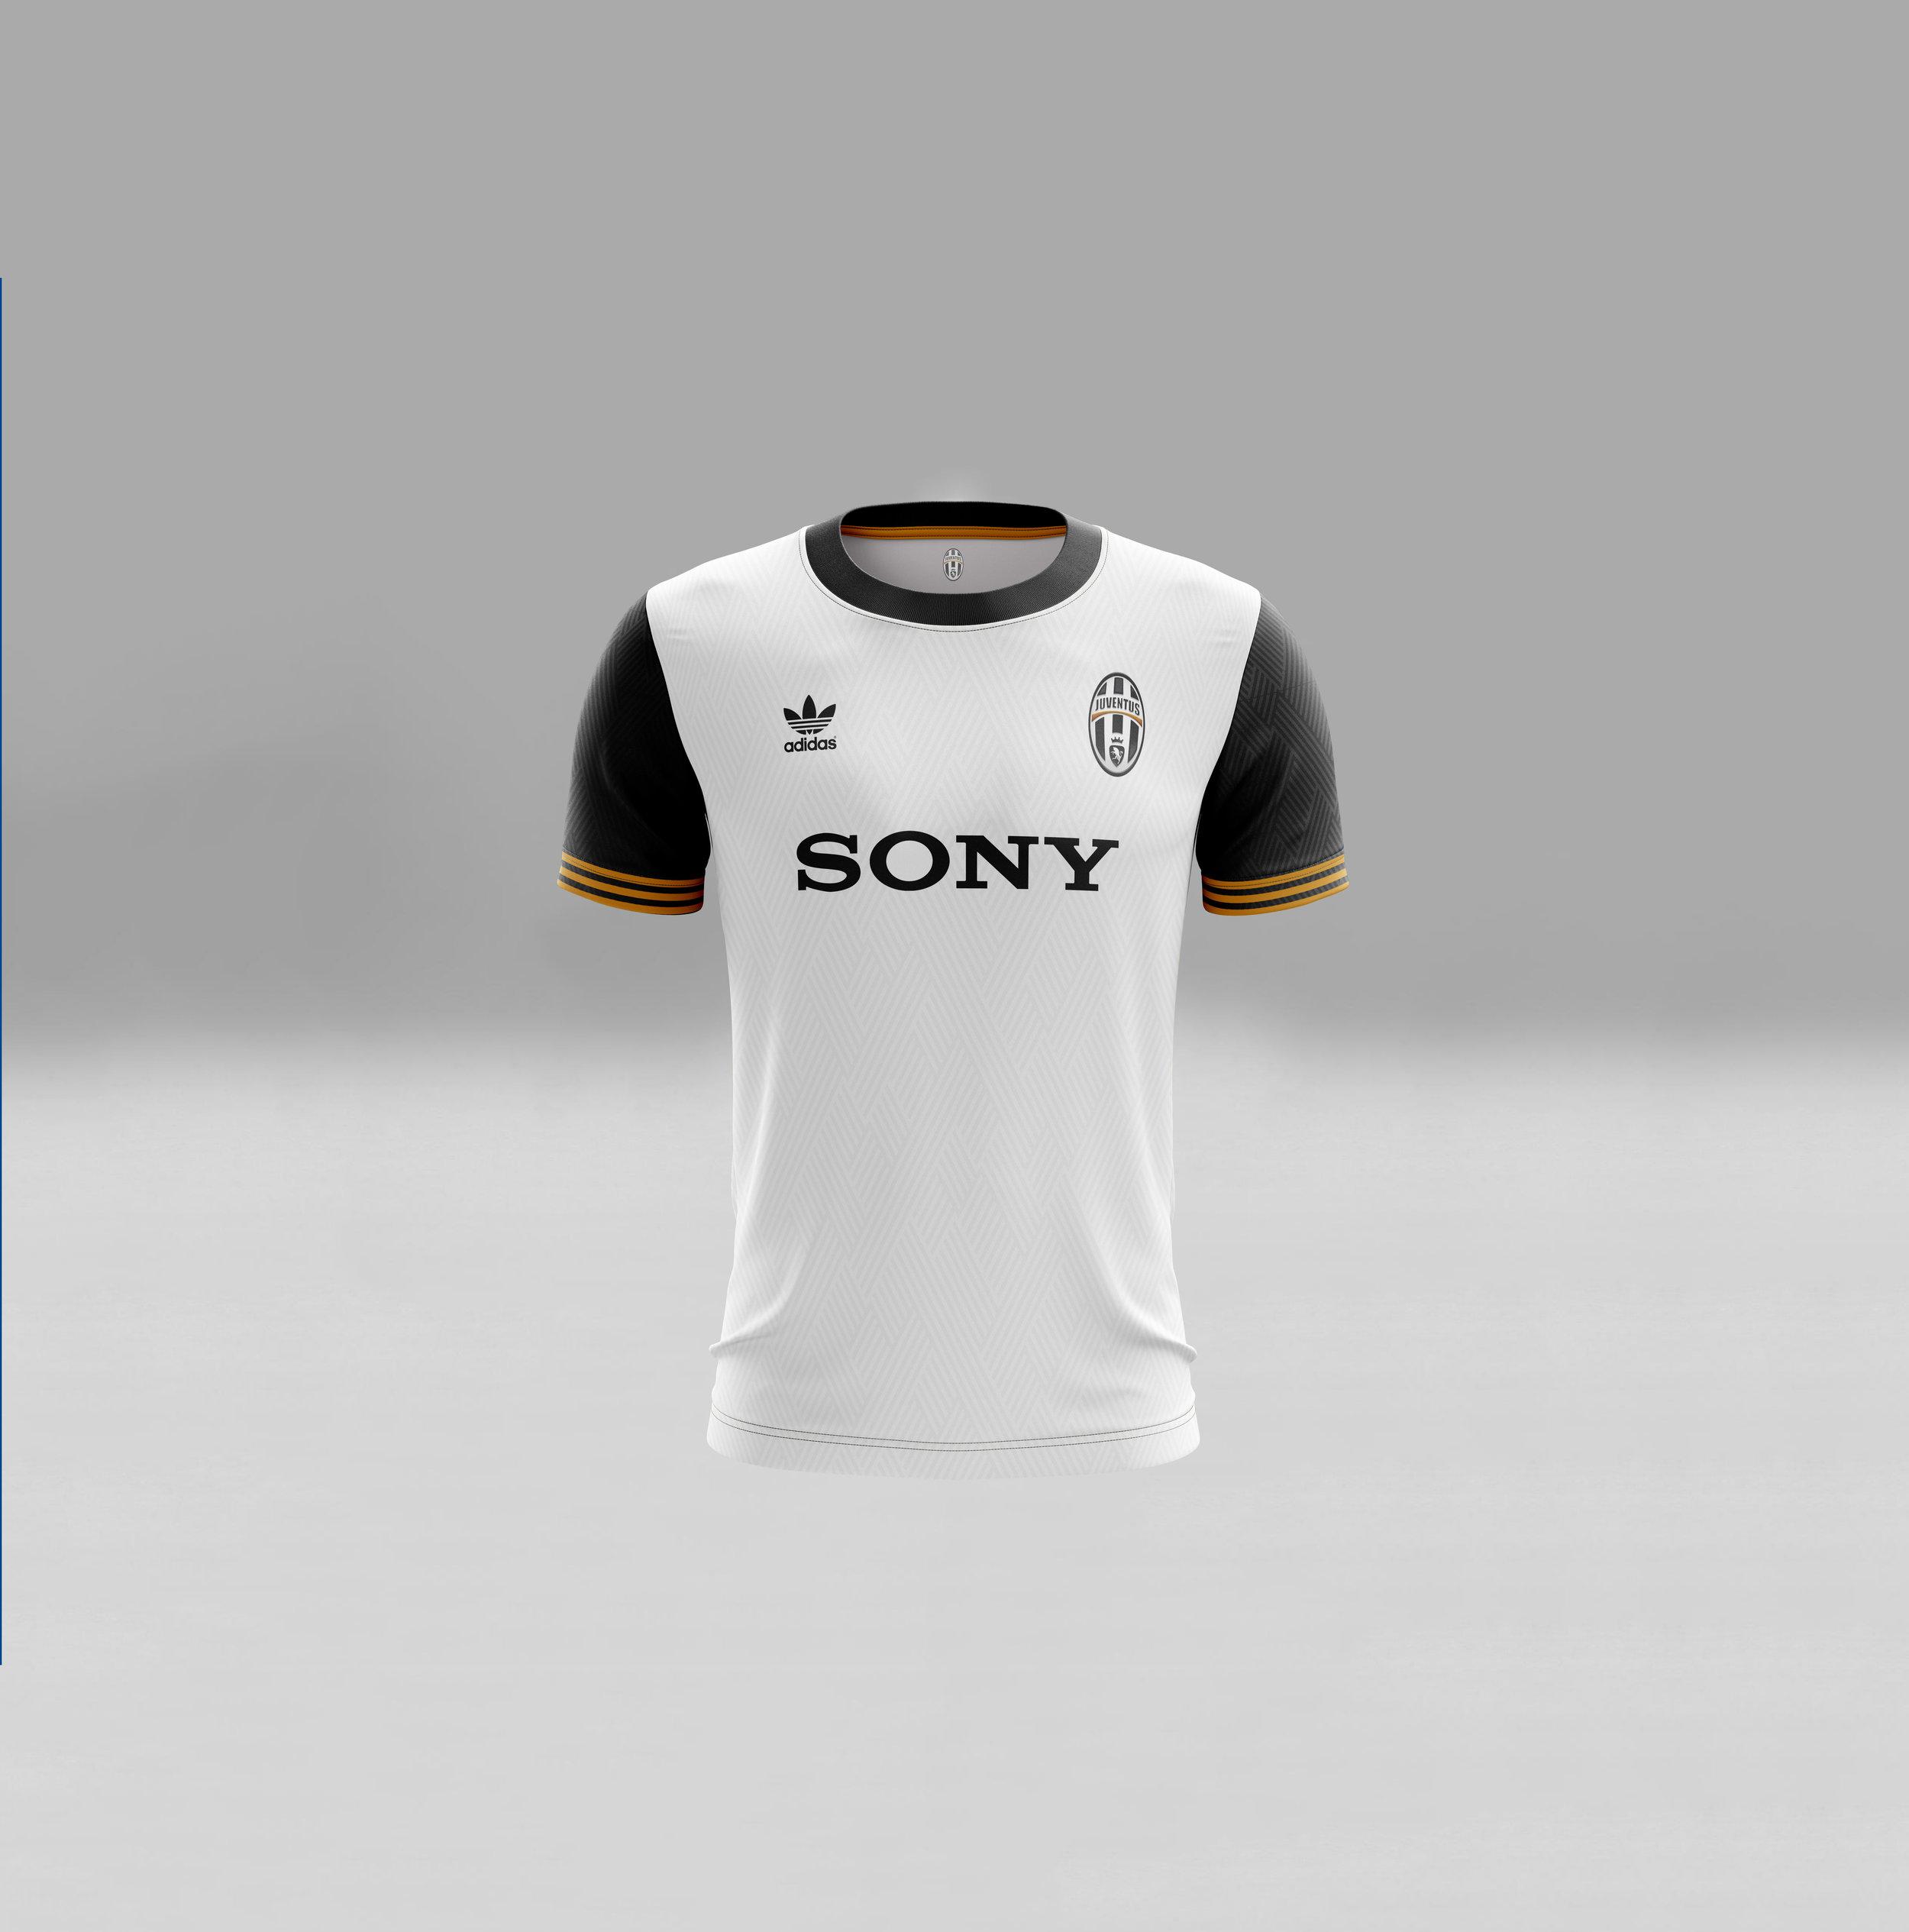 Juventus x Sony